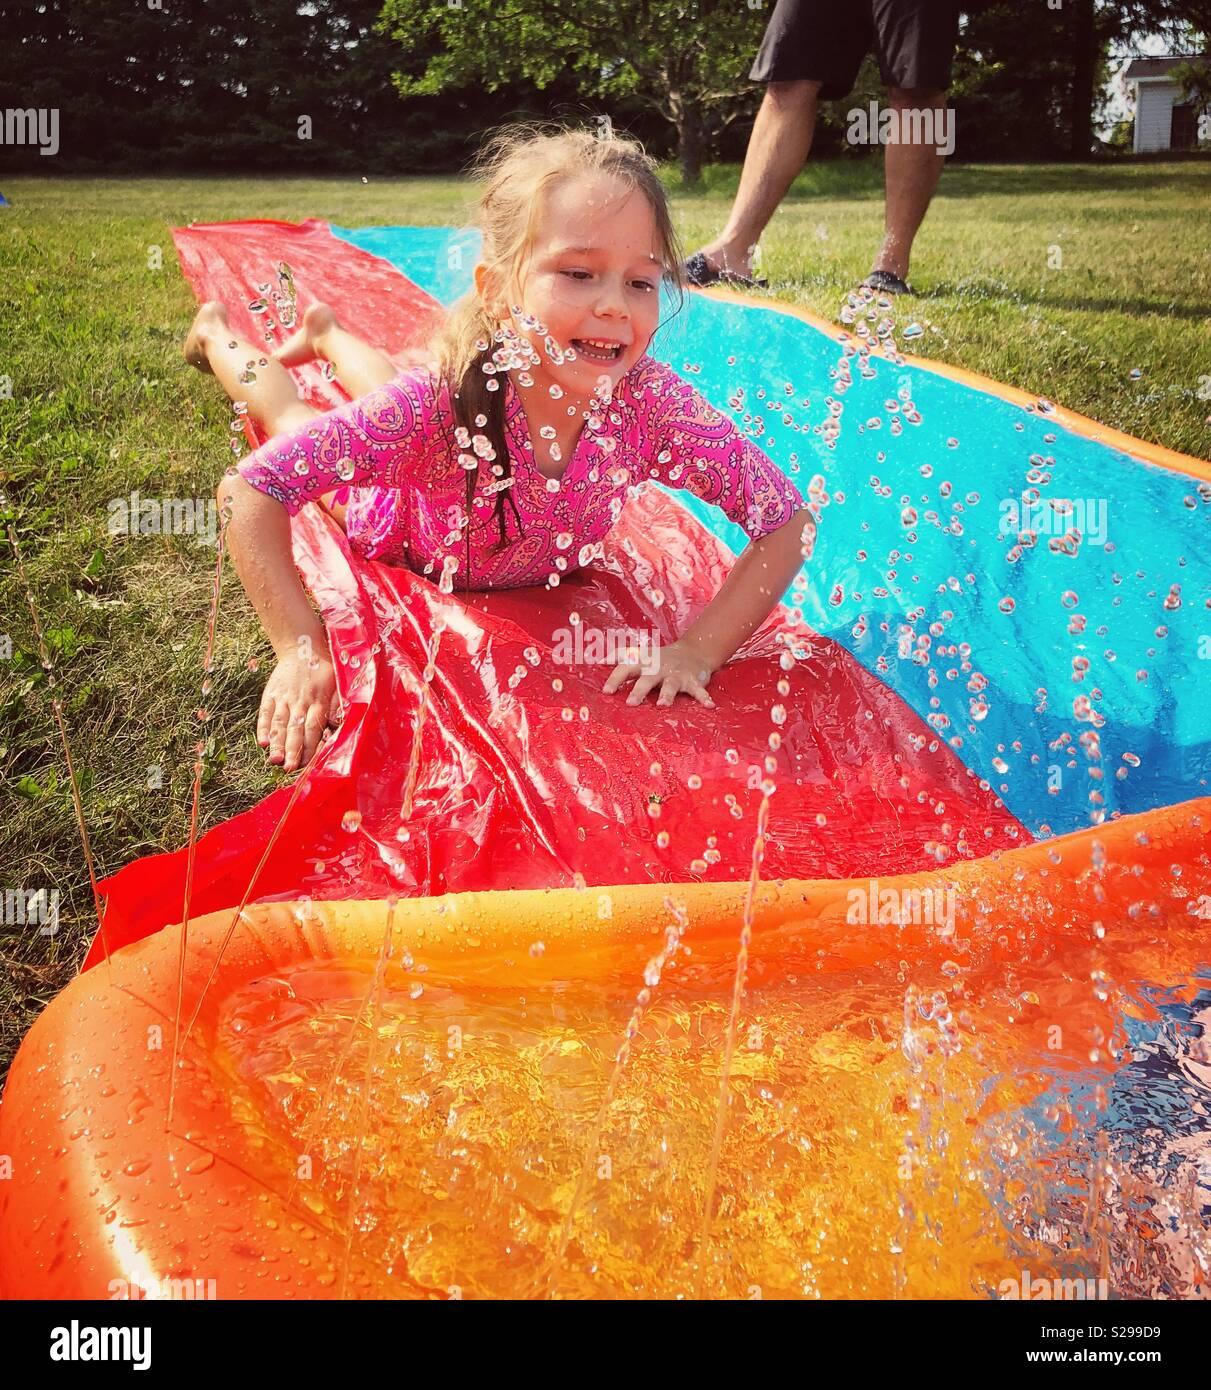 6 anno vecchia ragazza lo scorrimento verso il basso dell'acqua in plastica slitta sprinkler al di fuori del giocattolo Immagini Stock